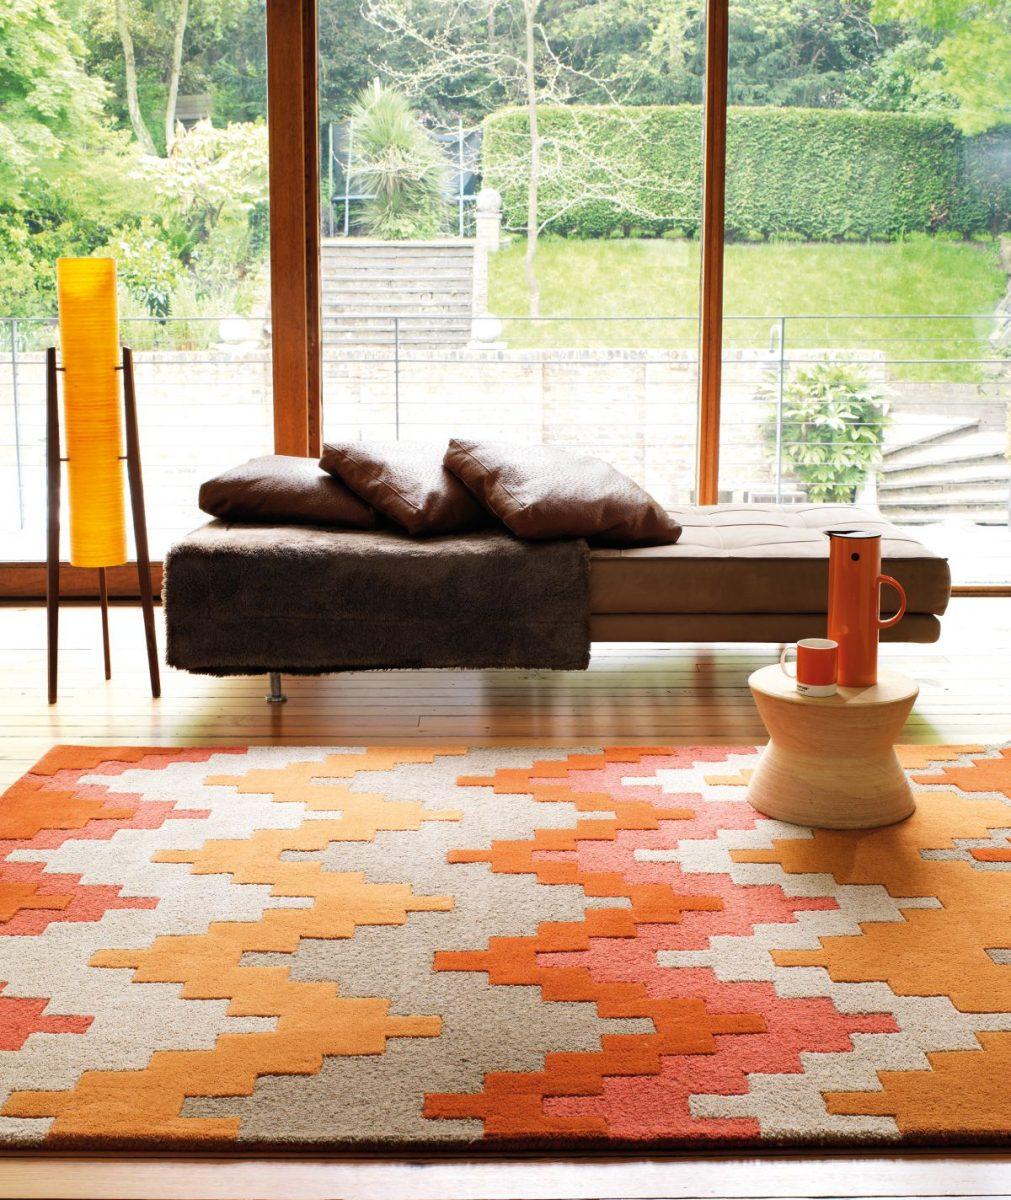 obr.02_bonamivlnn-koberec-matrix-cuzzo-od-asiatic-carpets-160x230-cm-cena-na-bonamicz-5449-k_14731448201_o-1200x1200.jpg